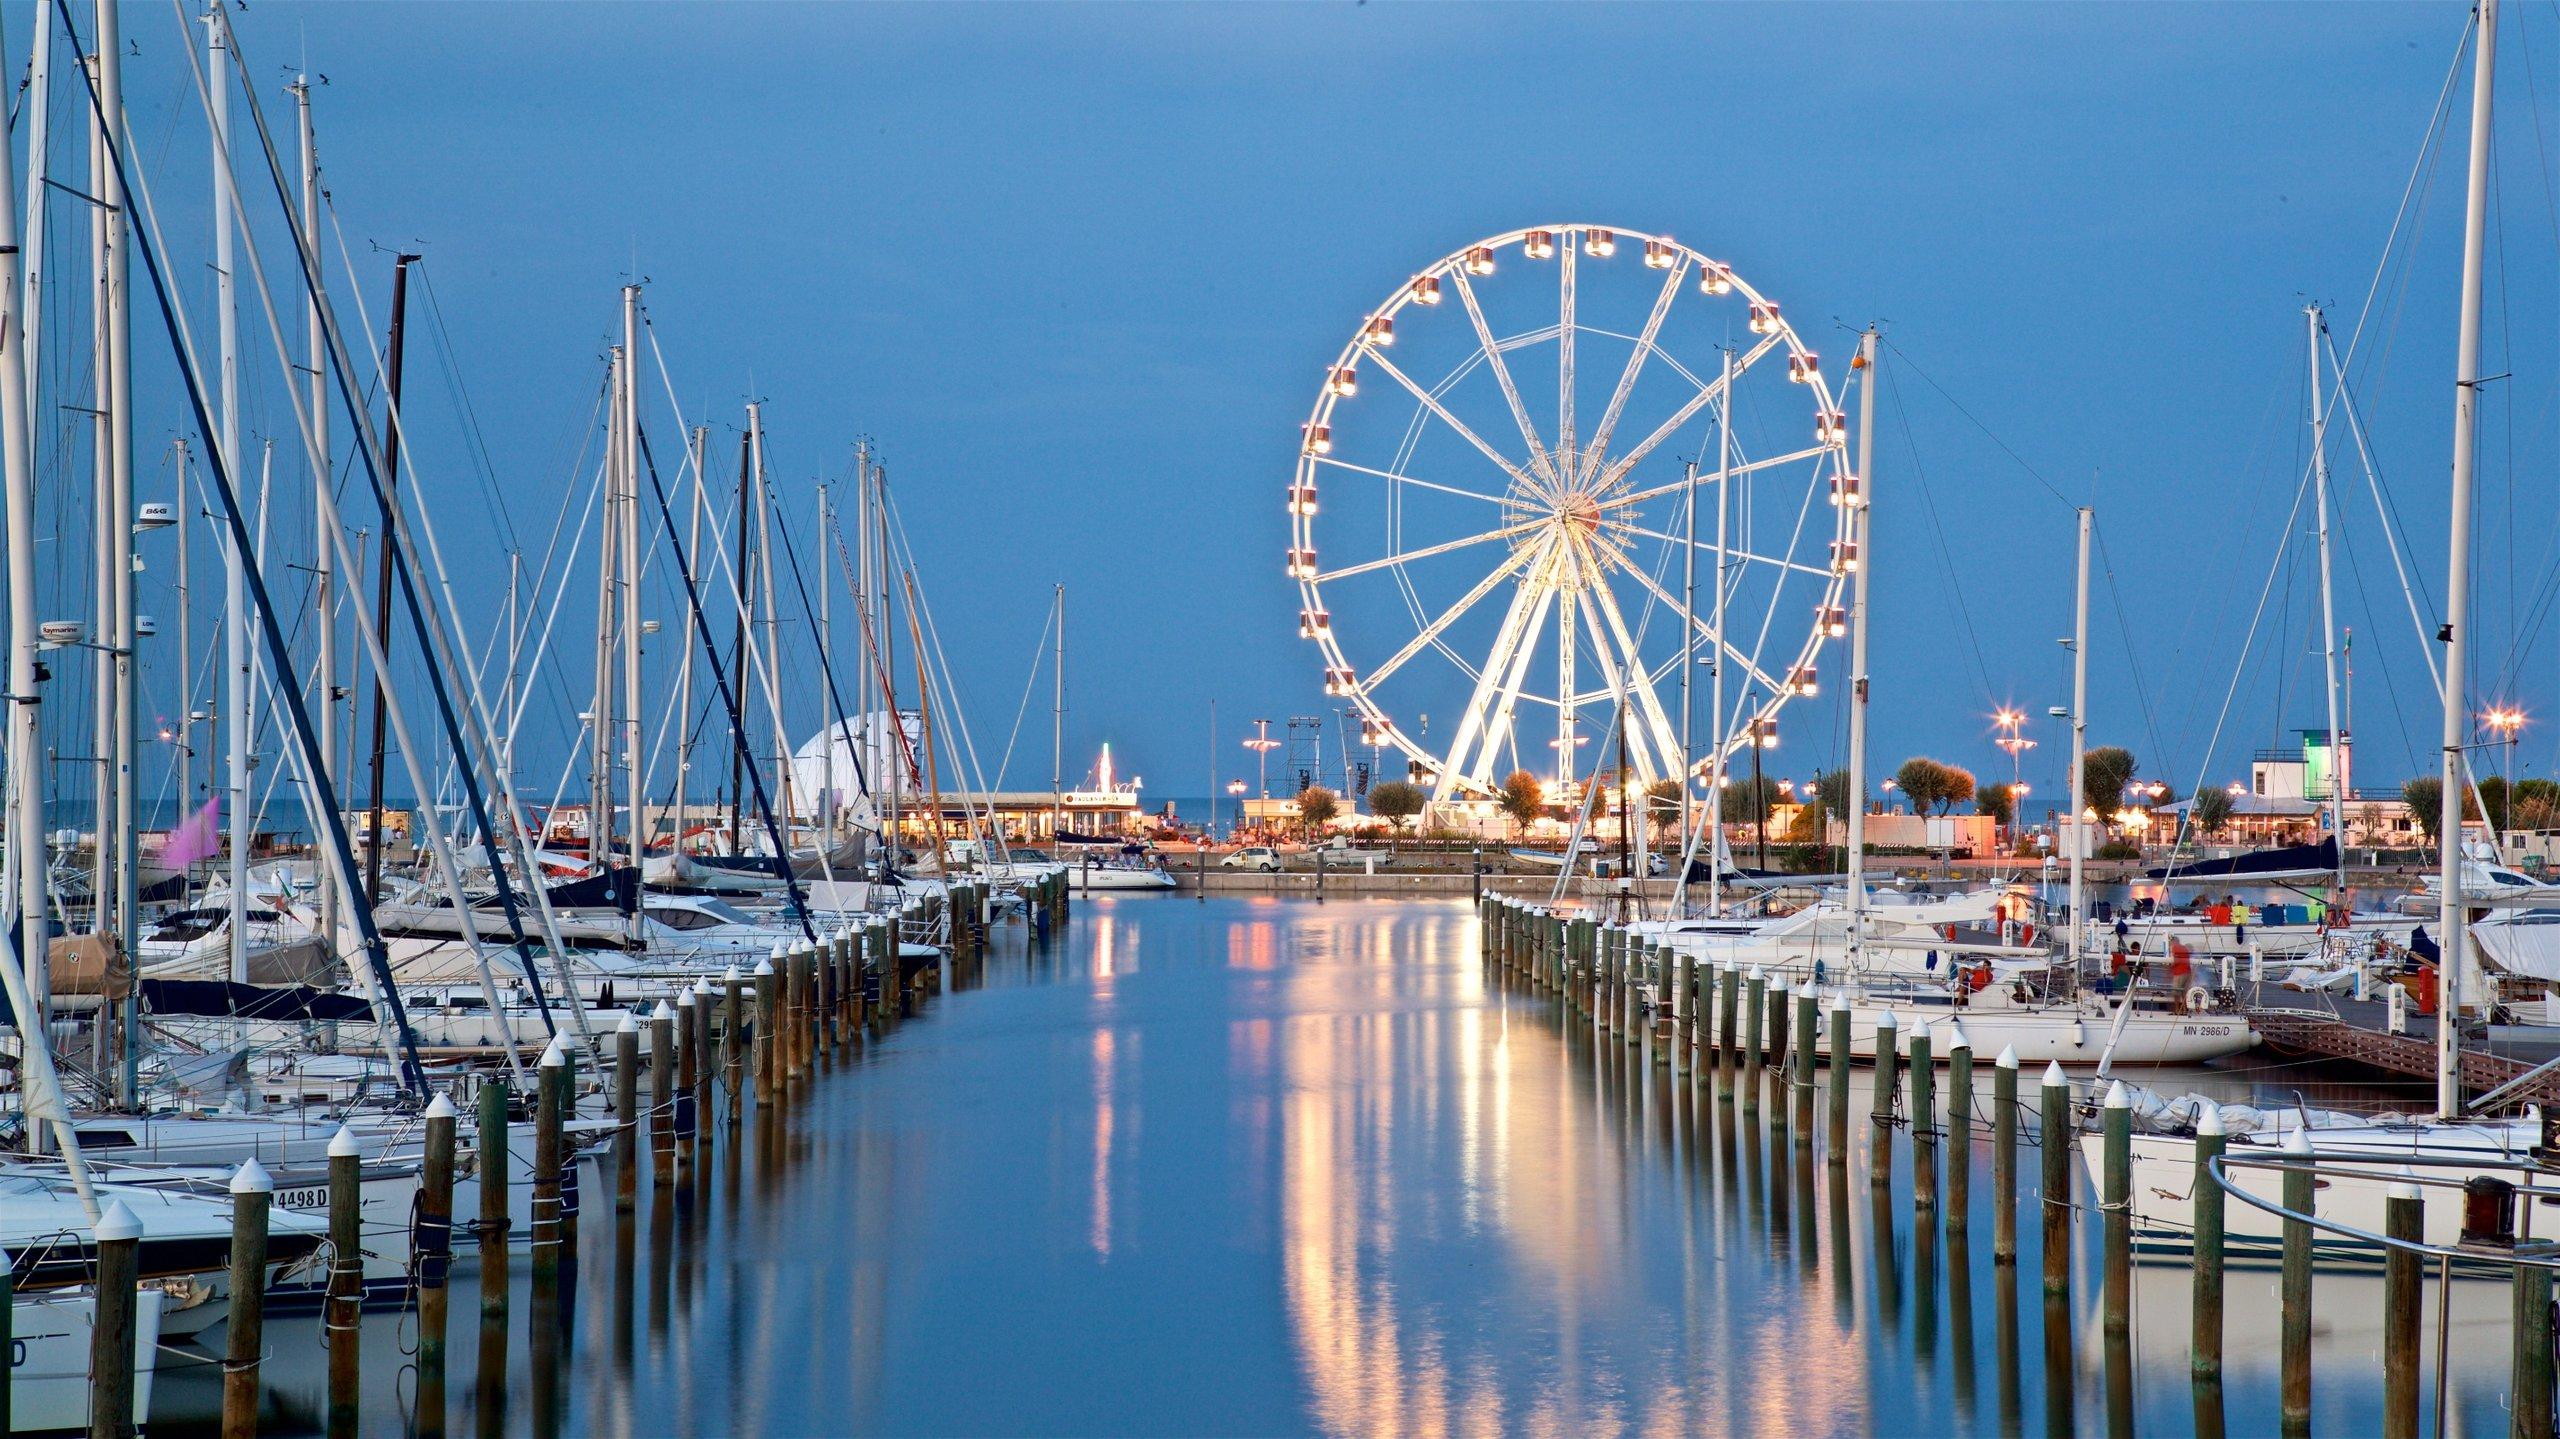 Rimini Marina, Rimini, Emilia-Romagna, Italien